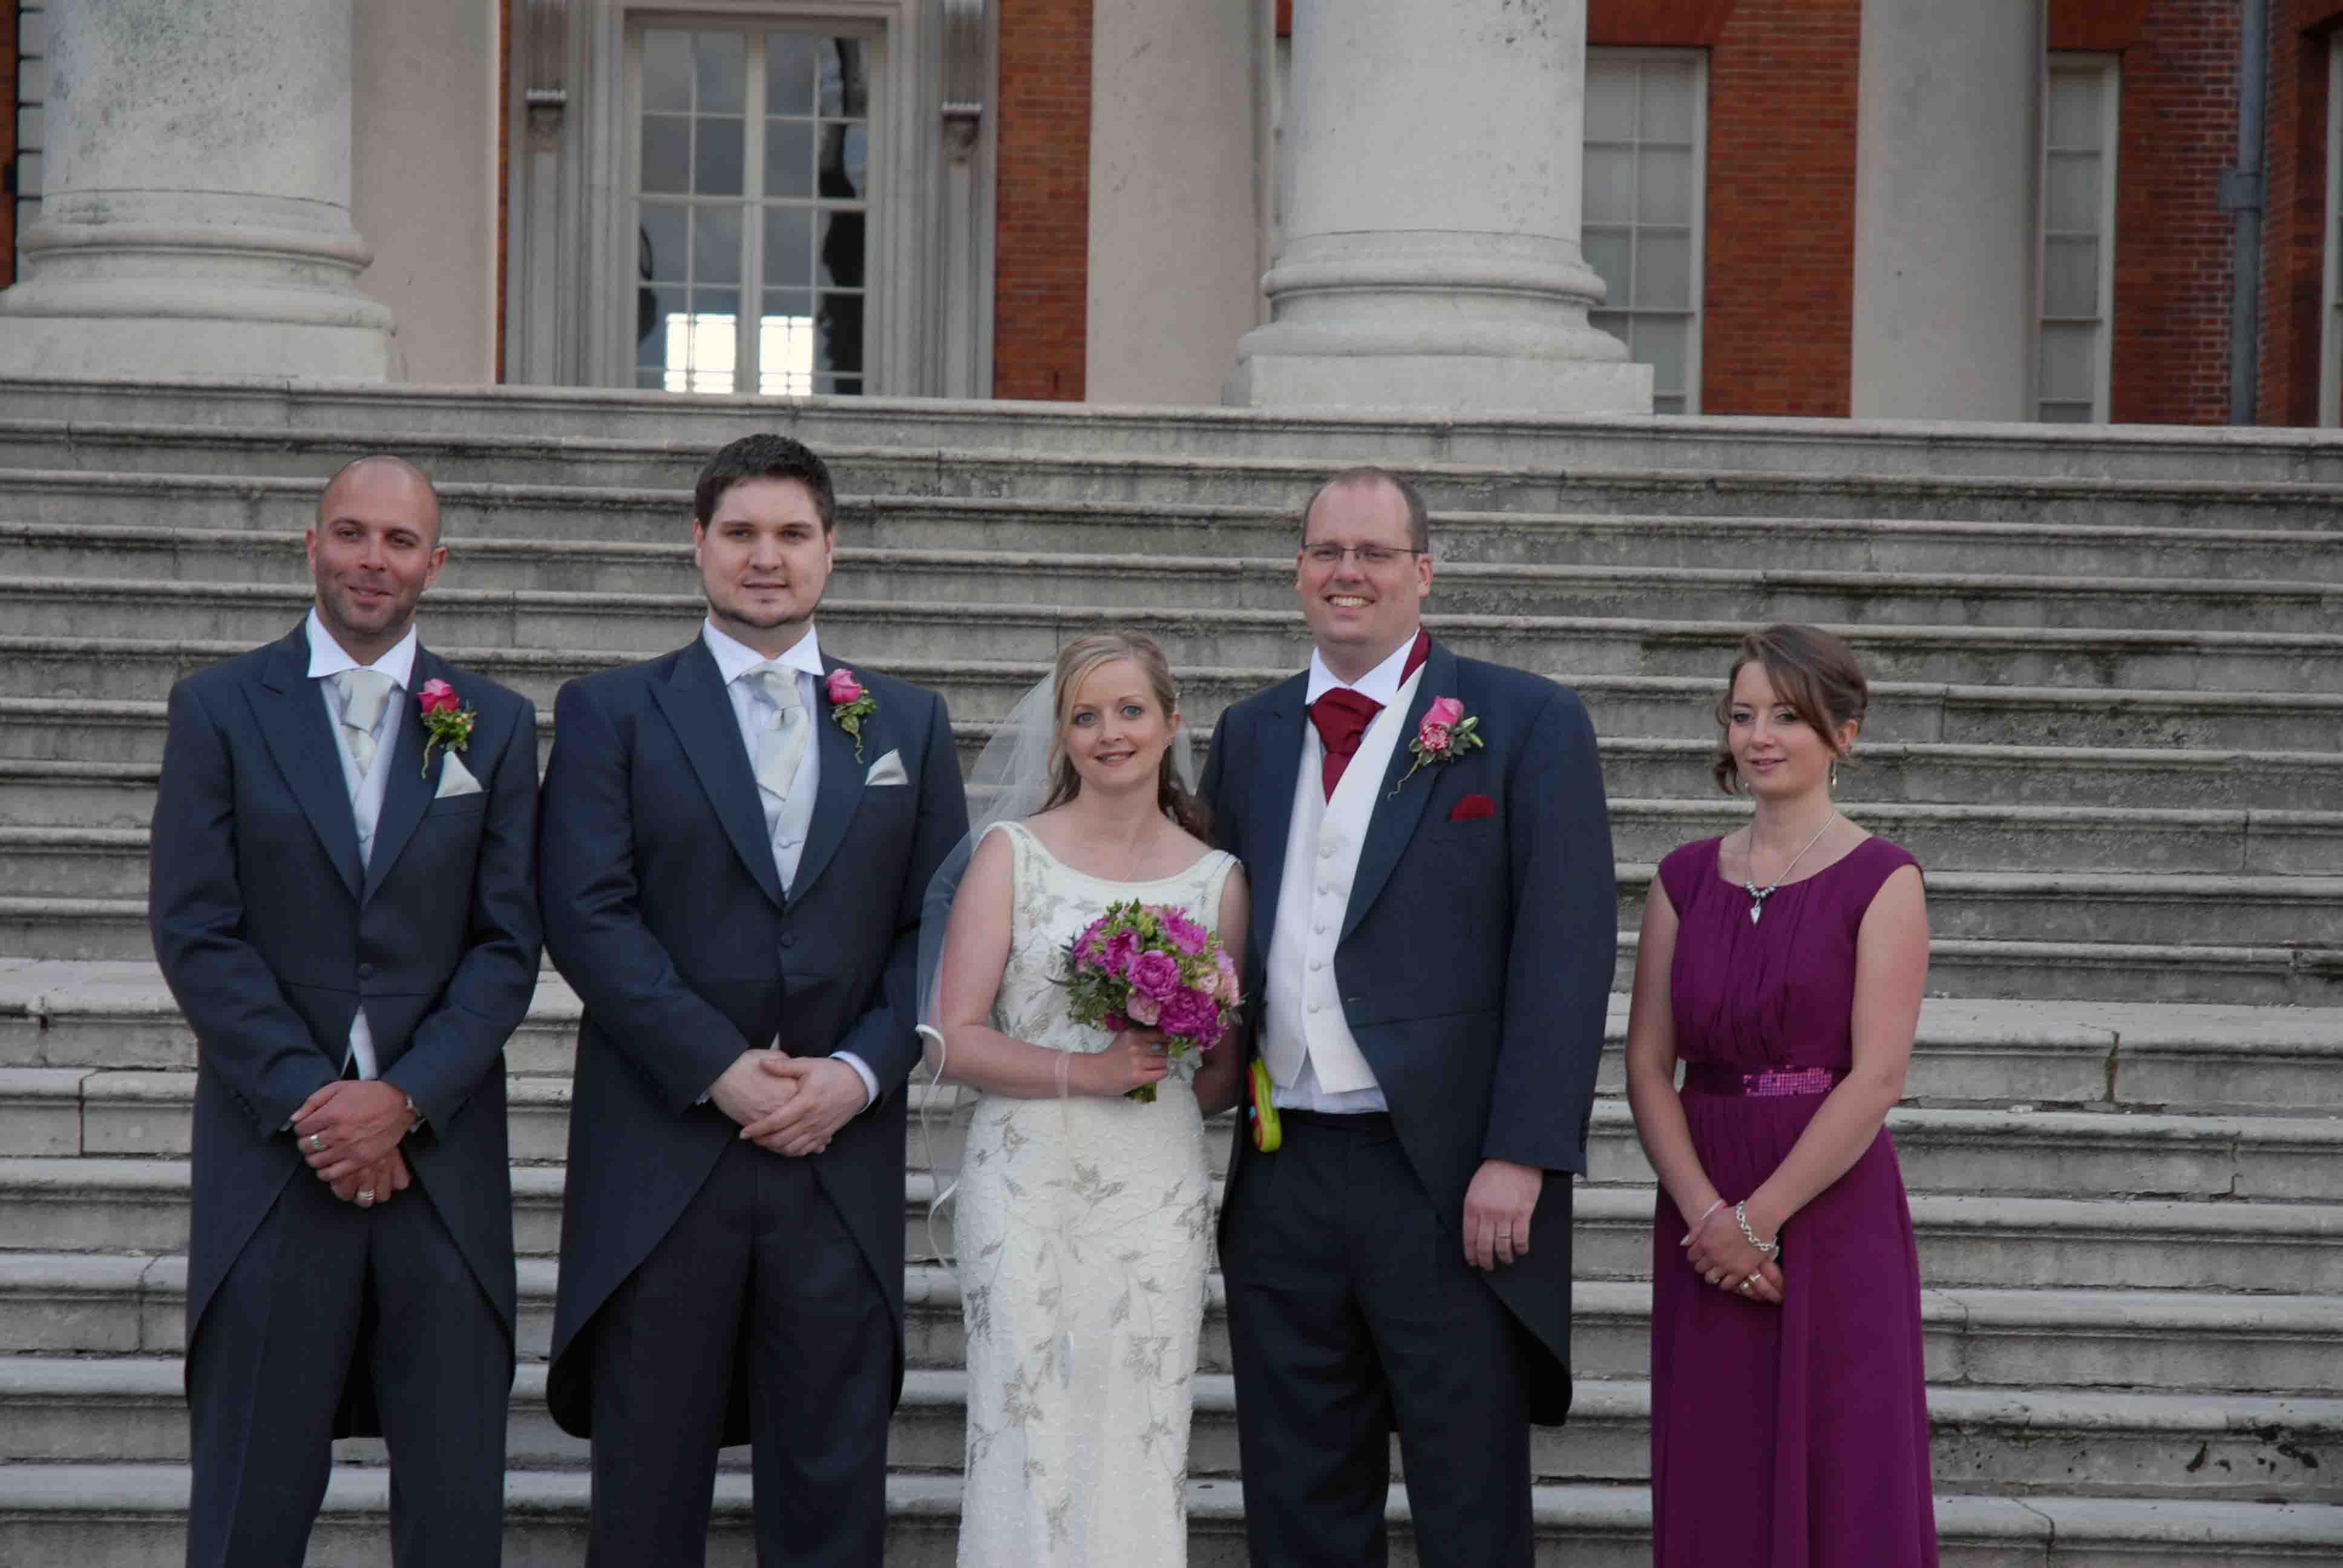 O'Brien Wedding072